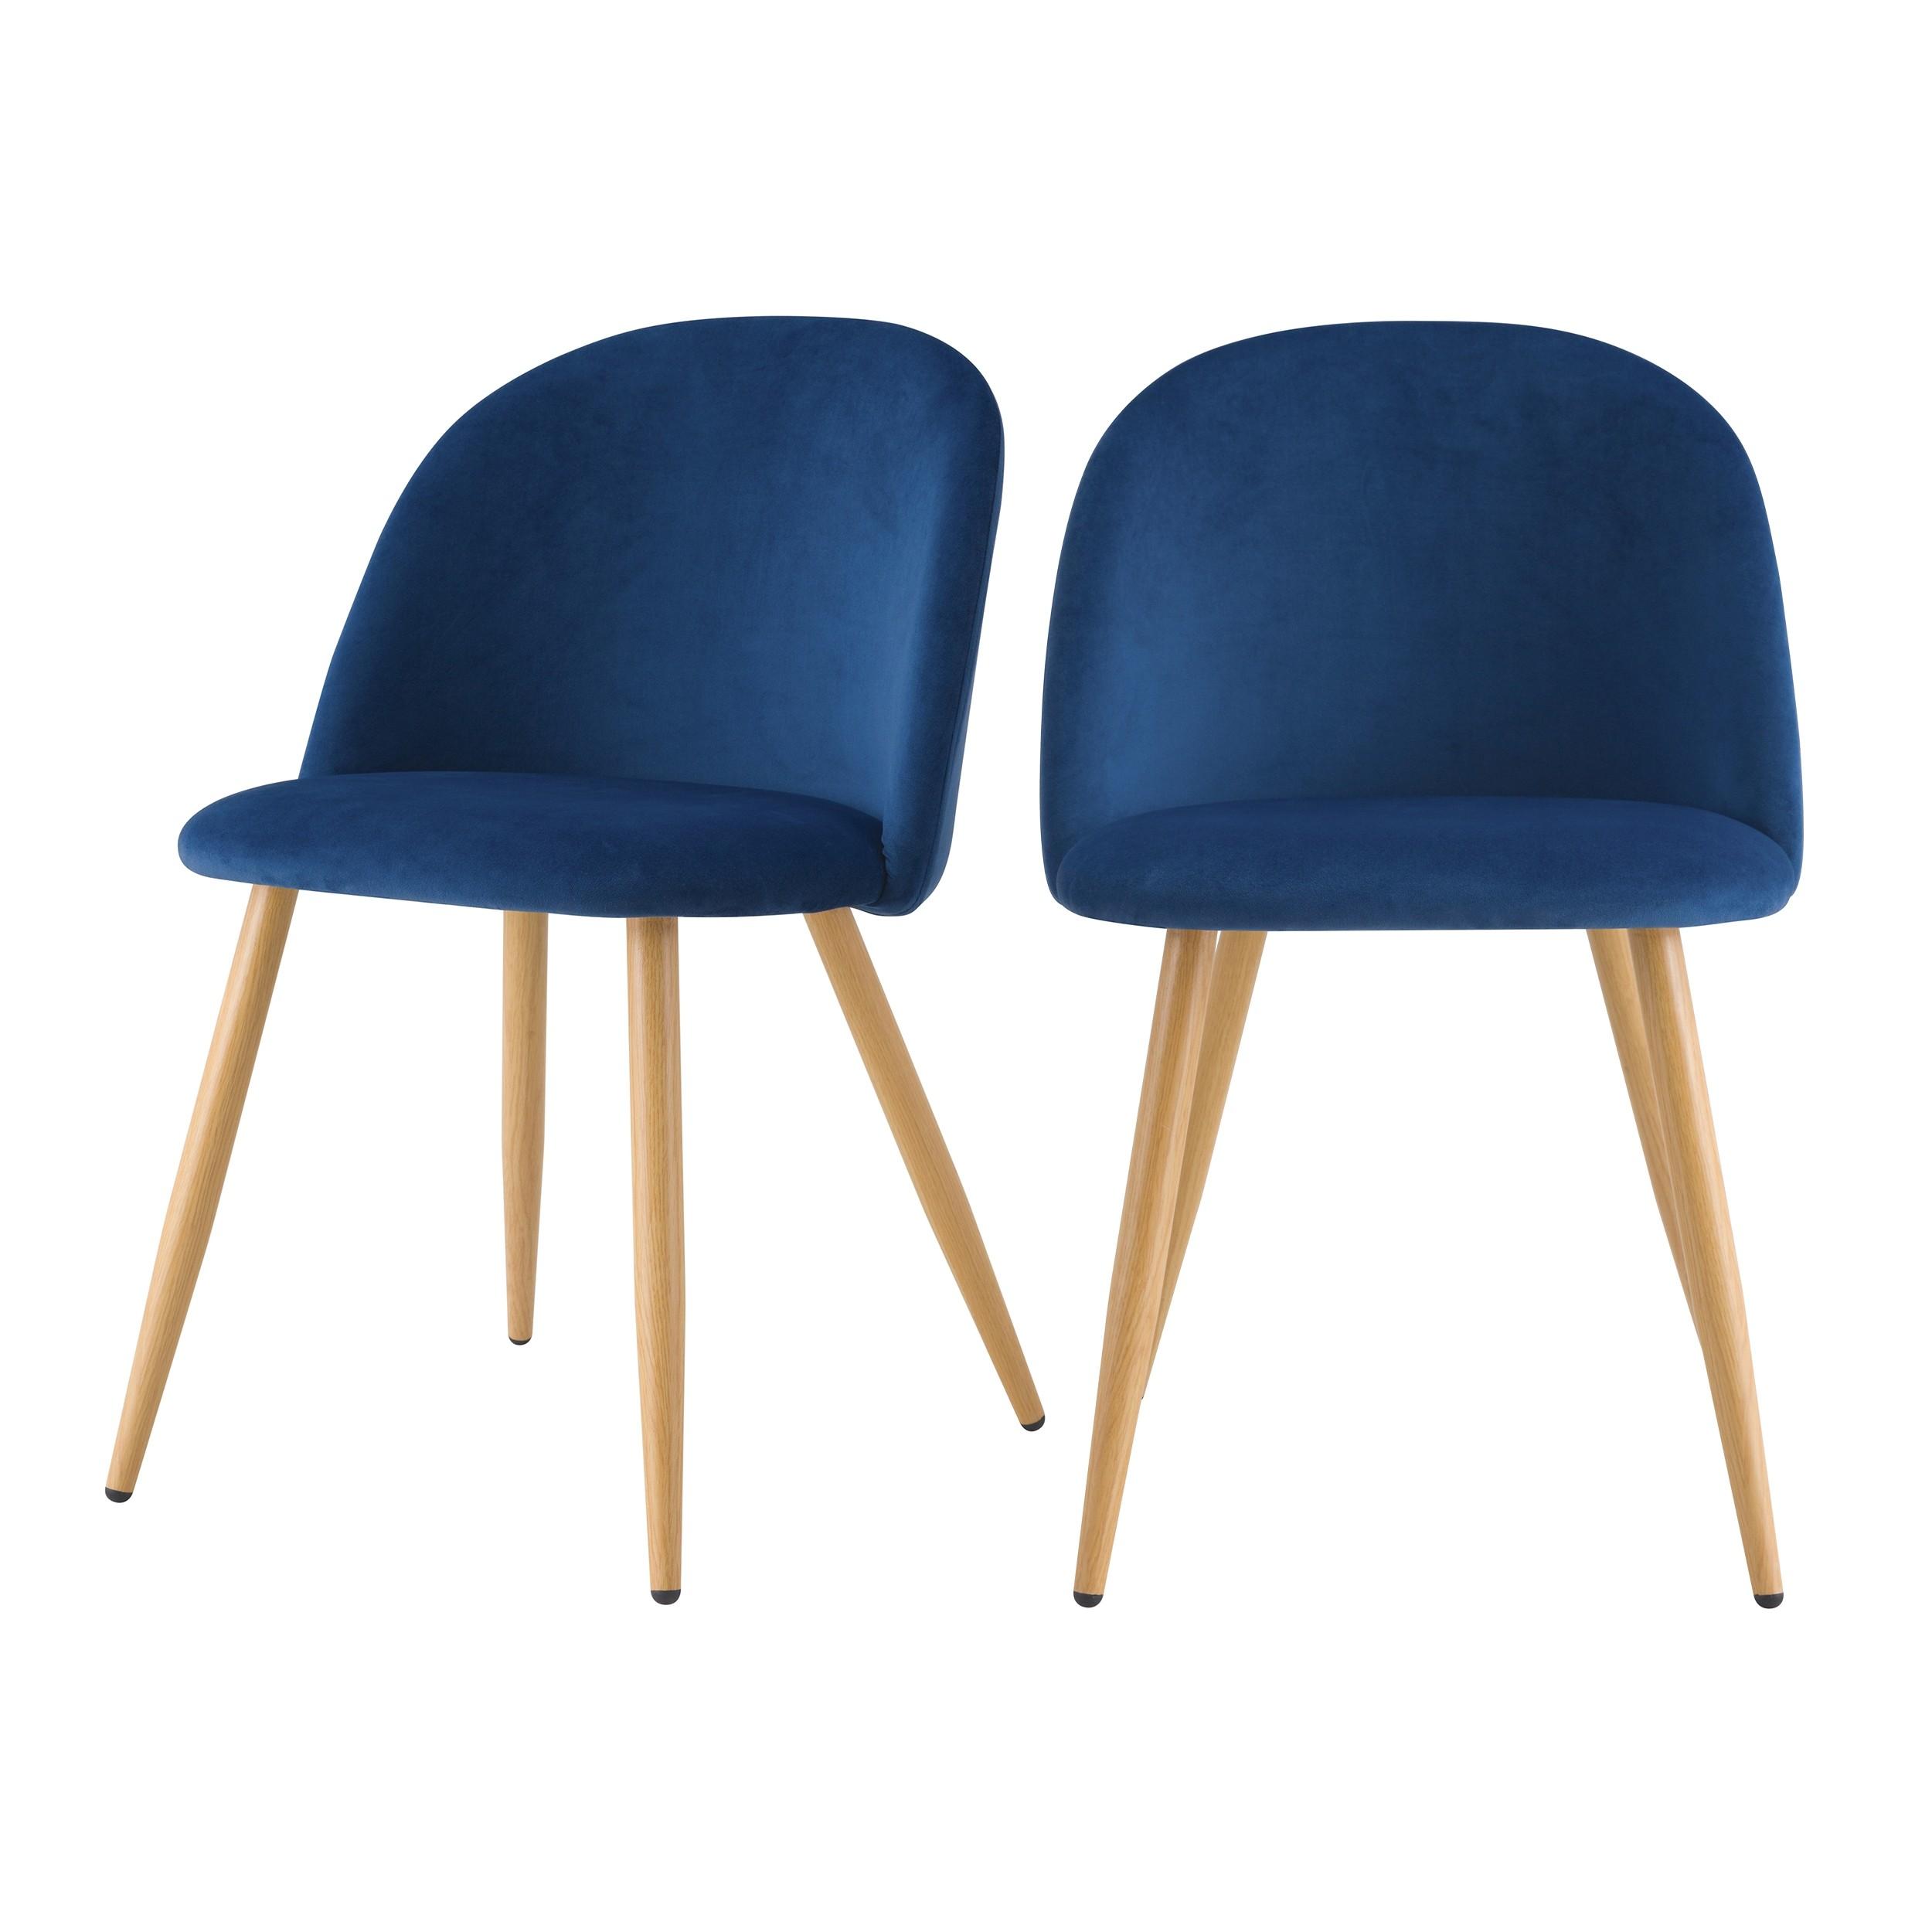 acheter chaise en velours bleue fonce scandinave confort lot de 2